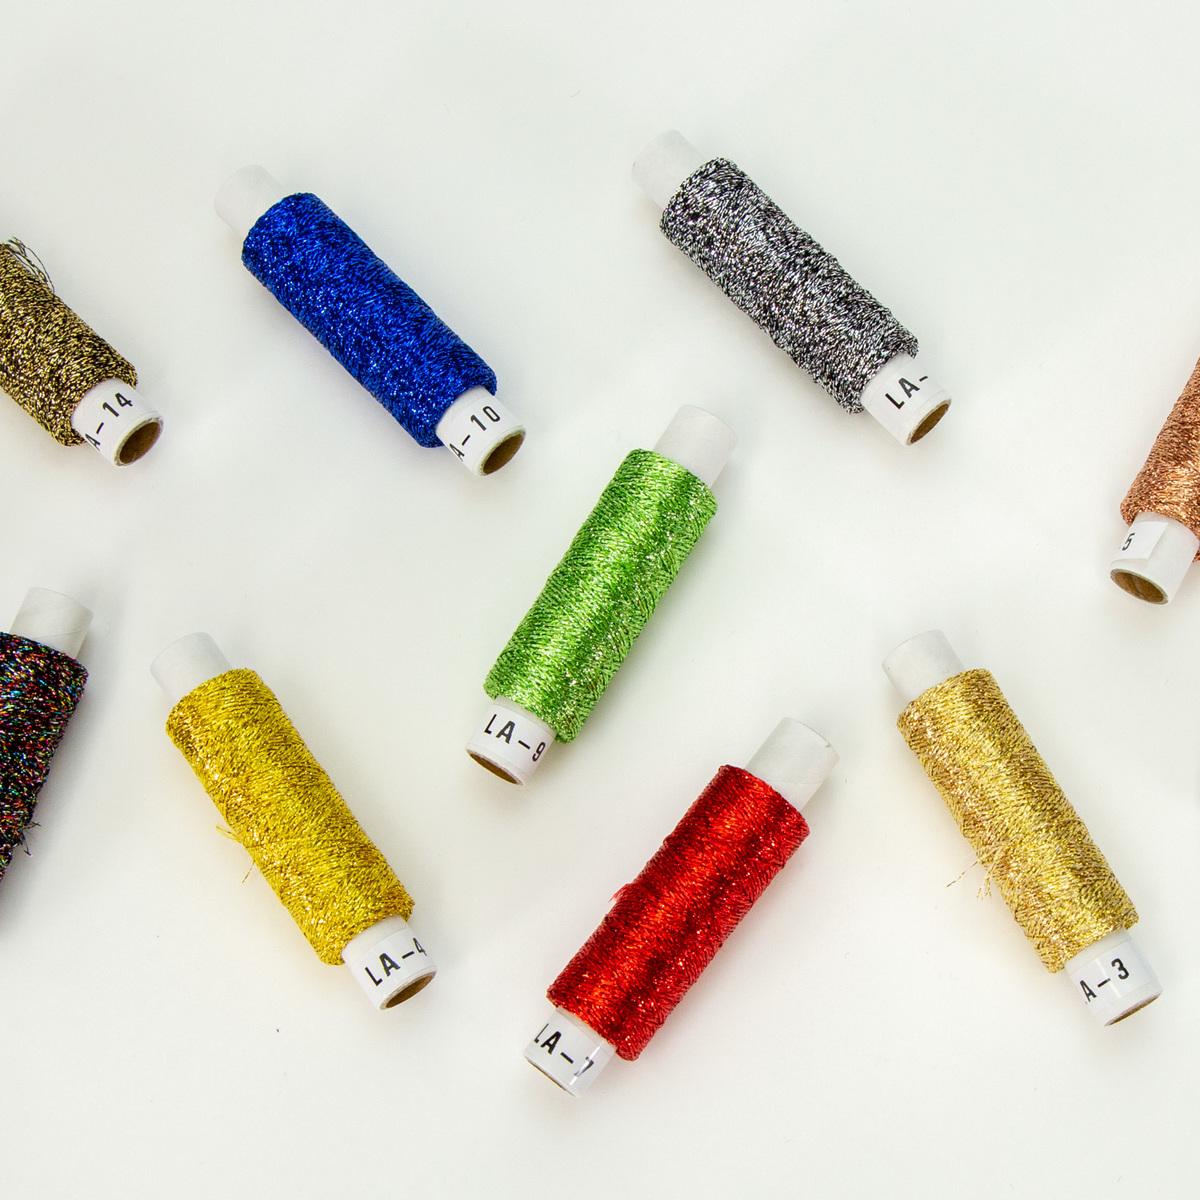 刺しゅう 売り出し 手まり 編物 織物などの手工芸に 光る素材としてご使用下さい 50m 手芸用ラメ糸 15色 ブランド激安セール会場 オリムパス 作品が一段とイメージアップされます